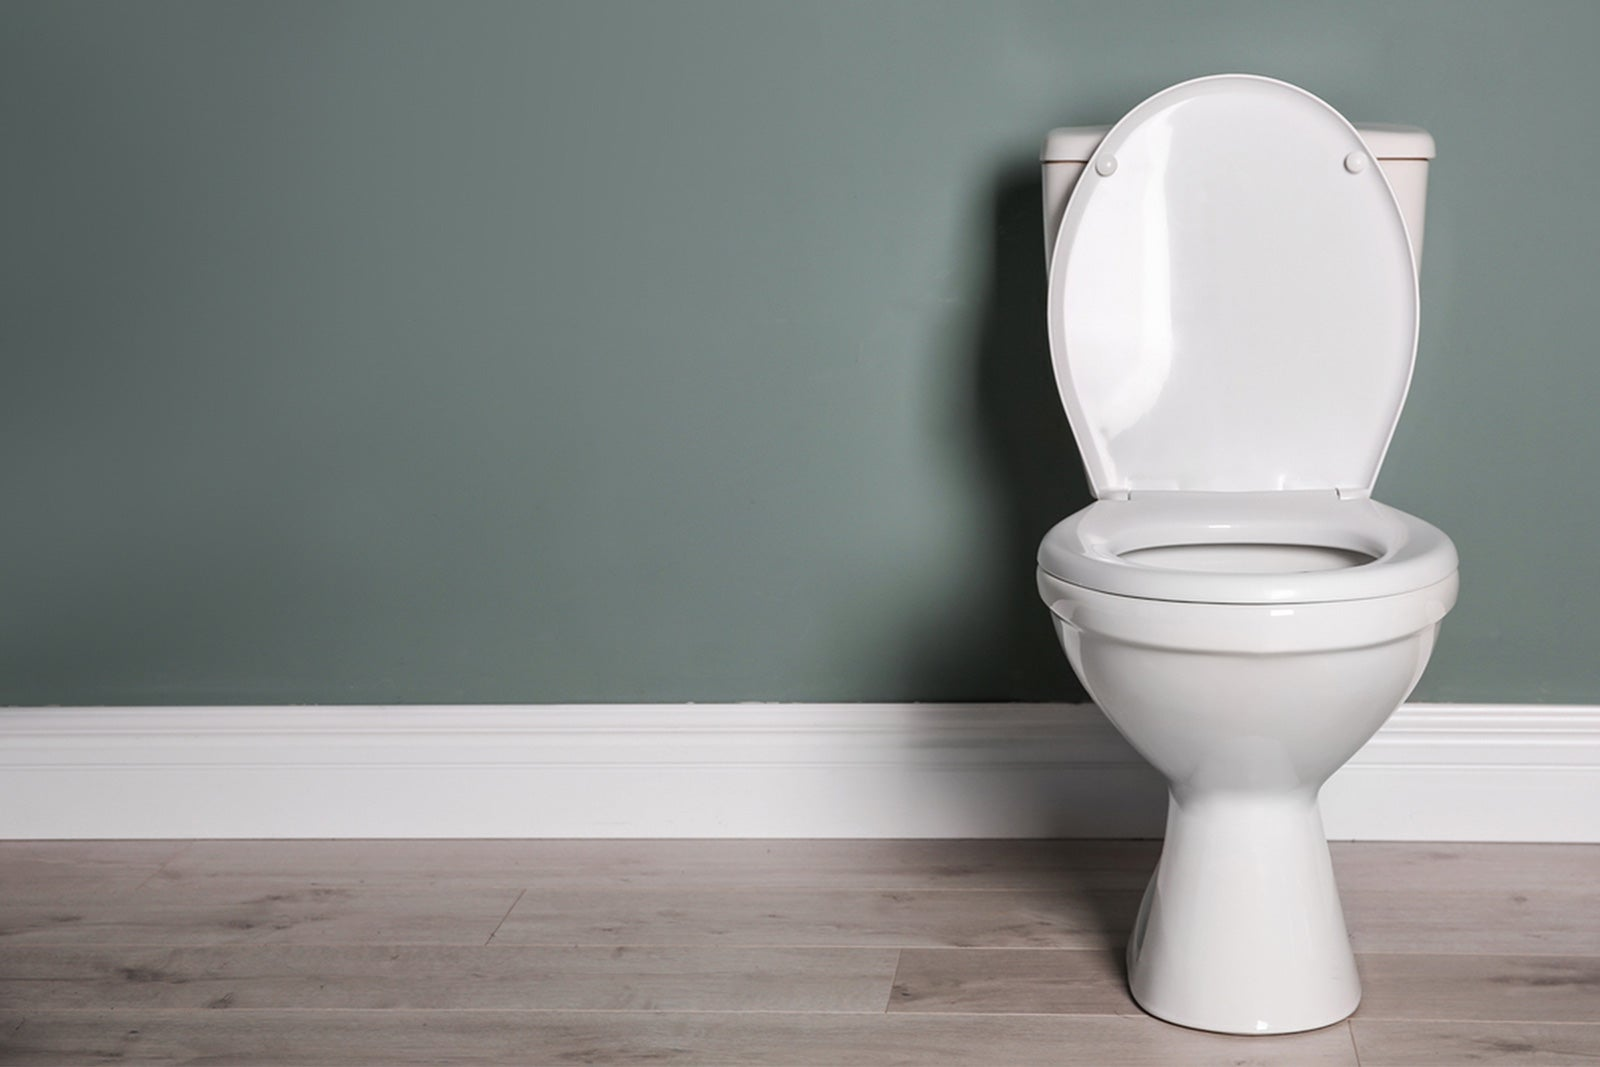 toilet_handle.jpg